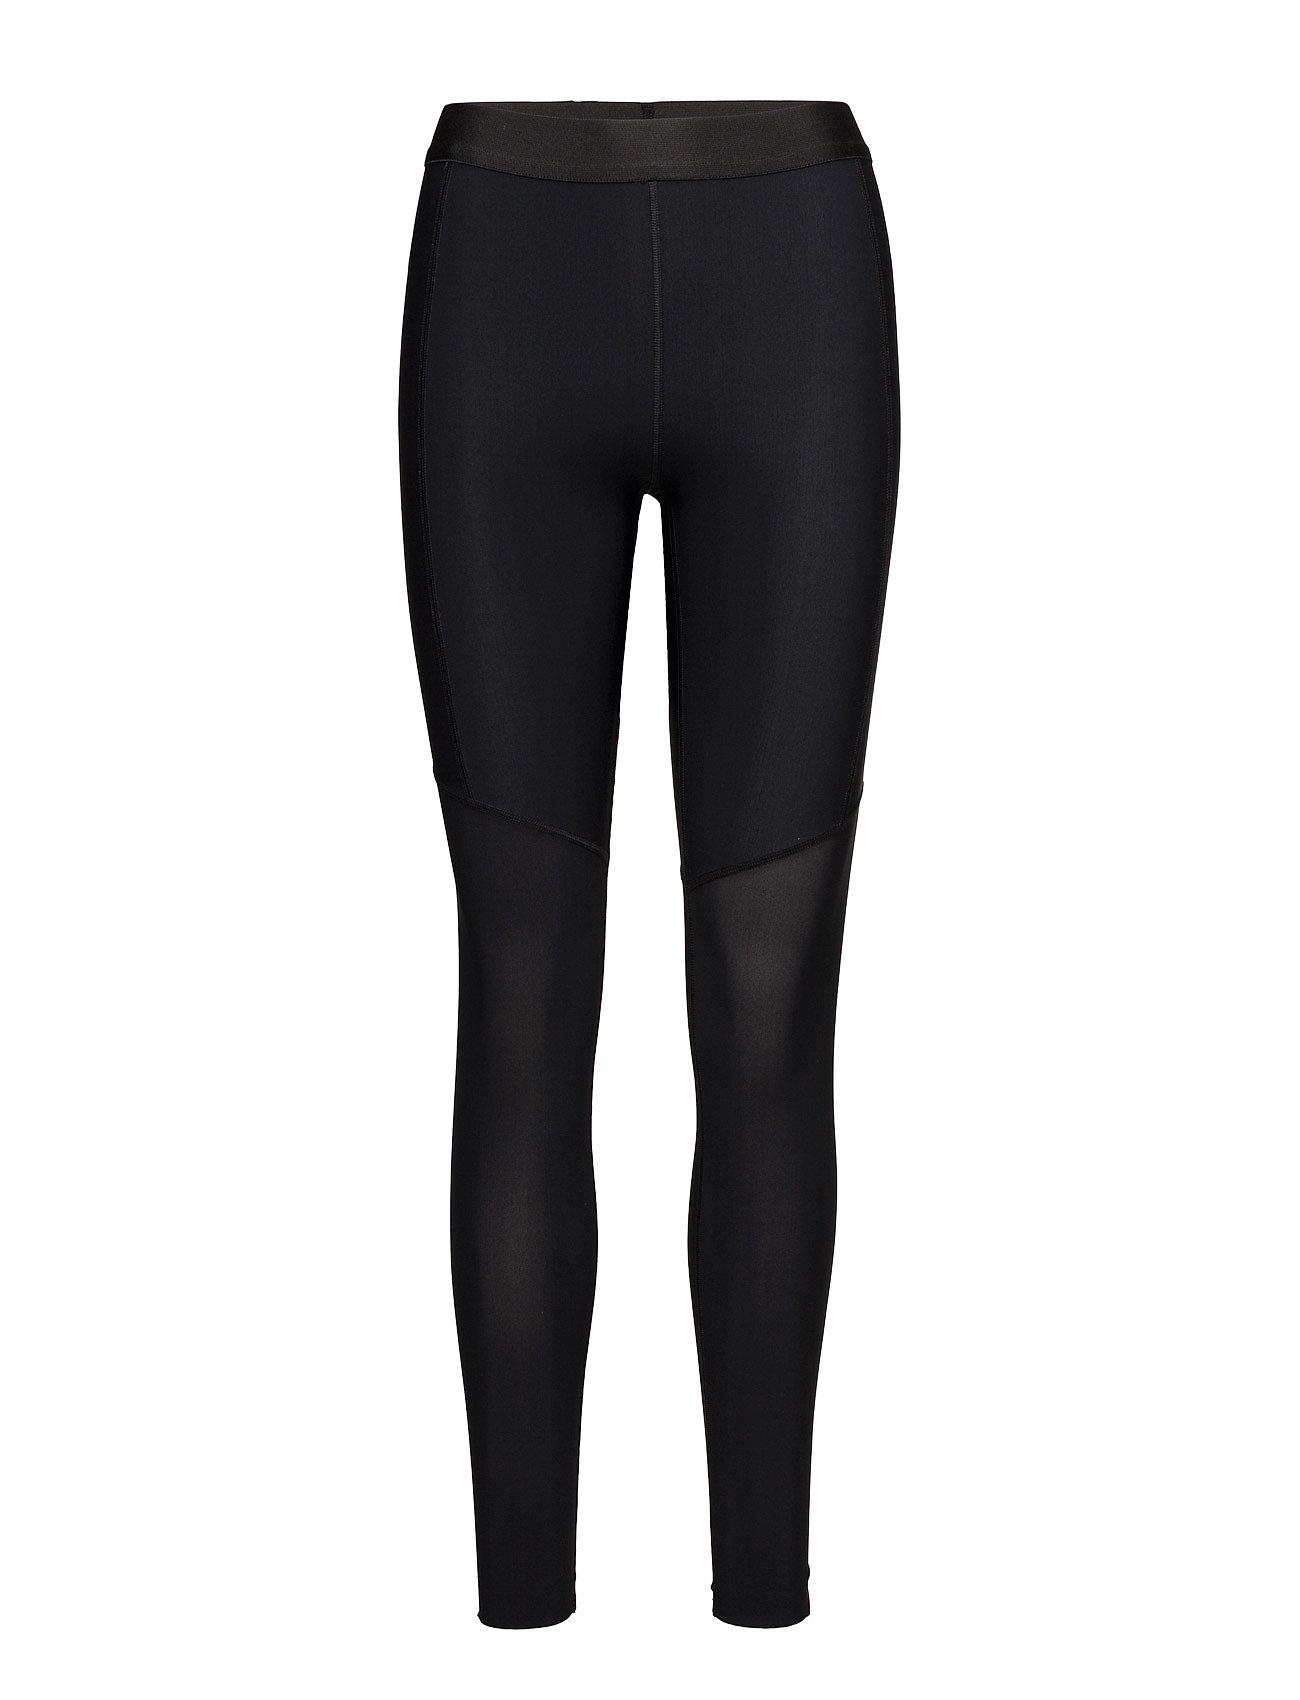 Stay-Up Leggings Filippa K Trænings leggings til Damer i Sort